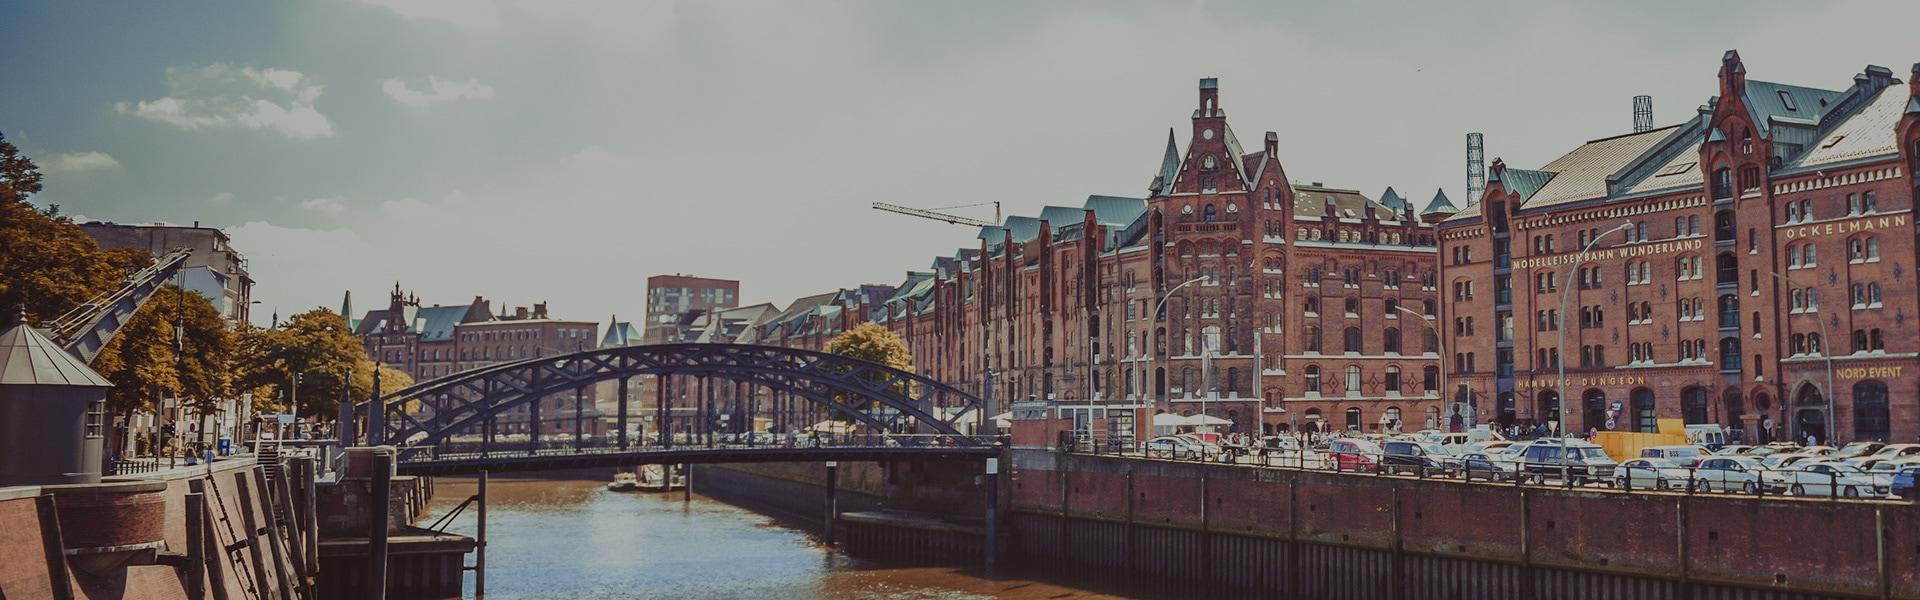 Hamburger Speicherstadt im Bereich Miniaturwunderland Hamburg | Delphos Technische Kriminalprävention